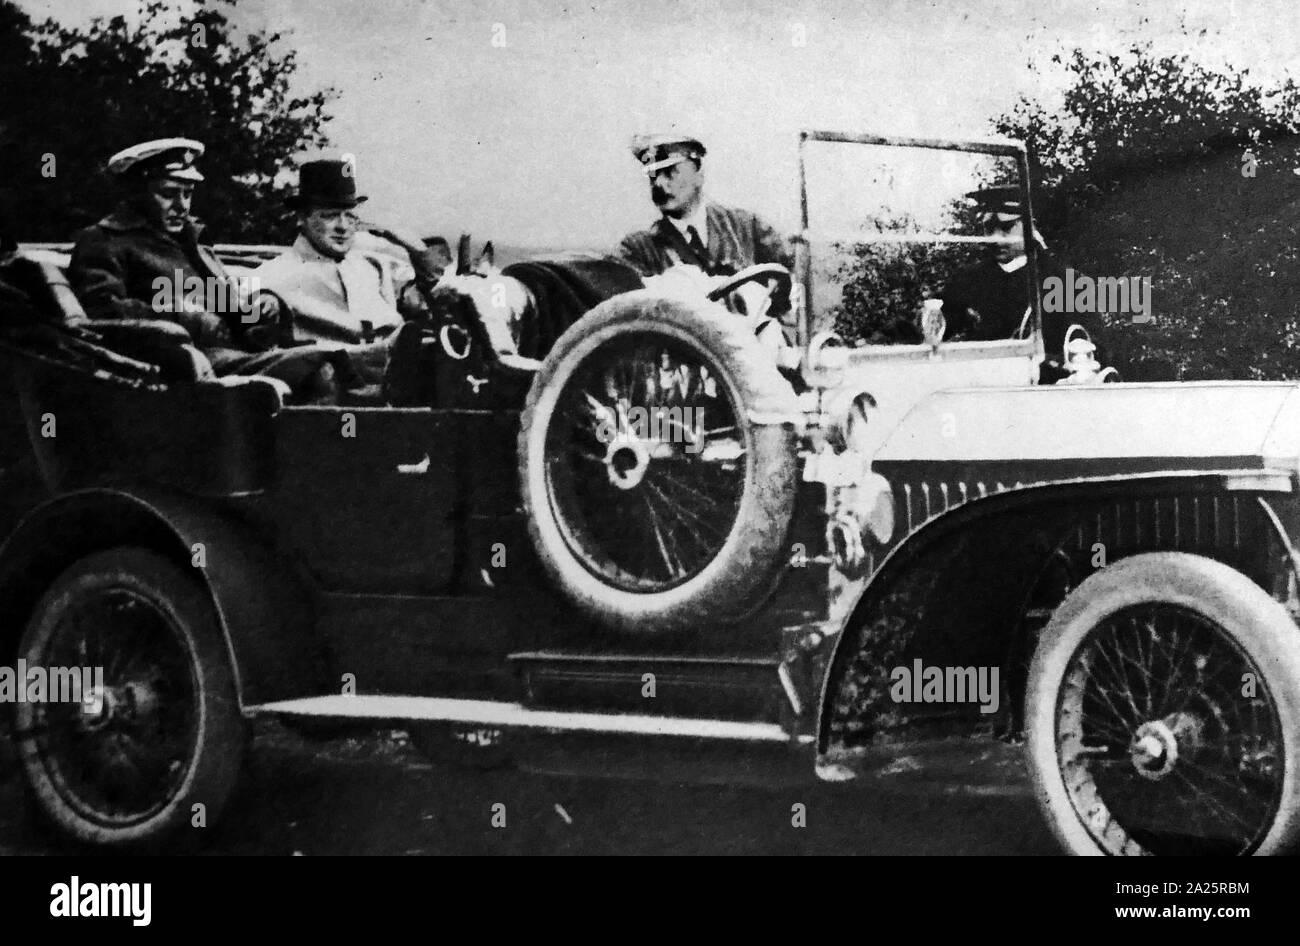 Sir Winston Churchill (1874 - 1965), político británico circa 1920. Él era el Primer Ministro del Reino Unido desde 1940 hasta 1945, cuando él condujo a Gran Bretaña a la victoria en la Segunda Guerra Mundial, y nuevamente desde 1951 hasta 1955. Foto de stock